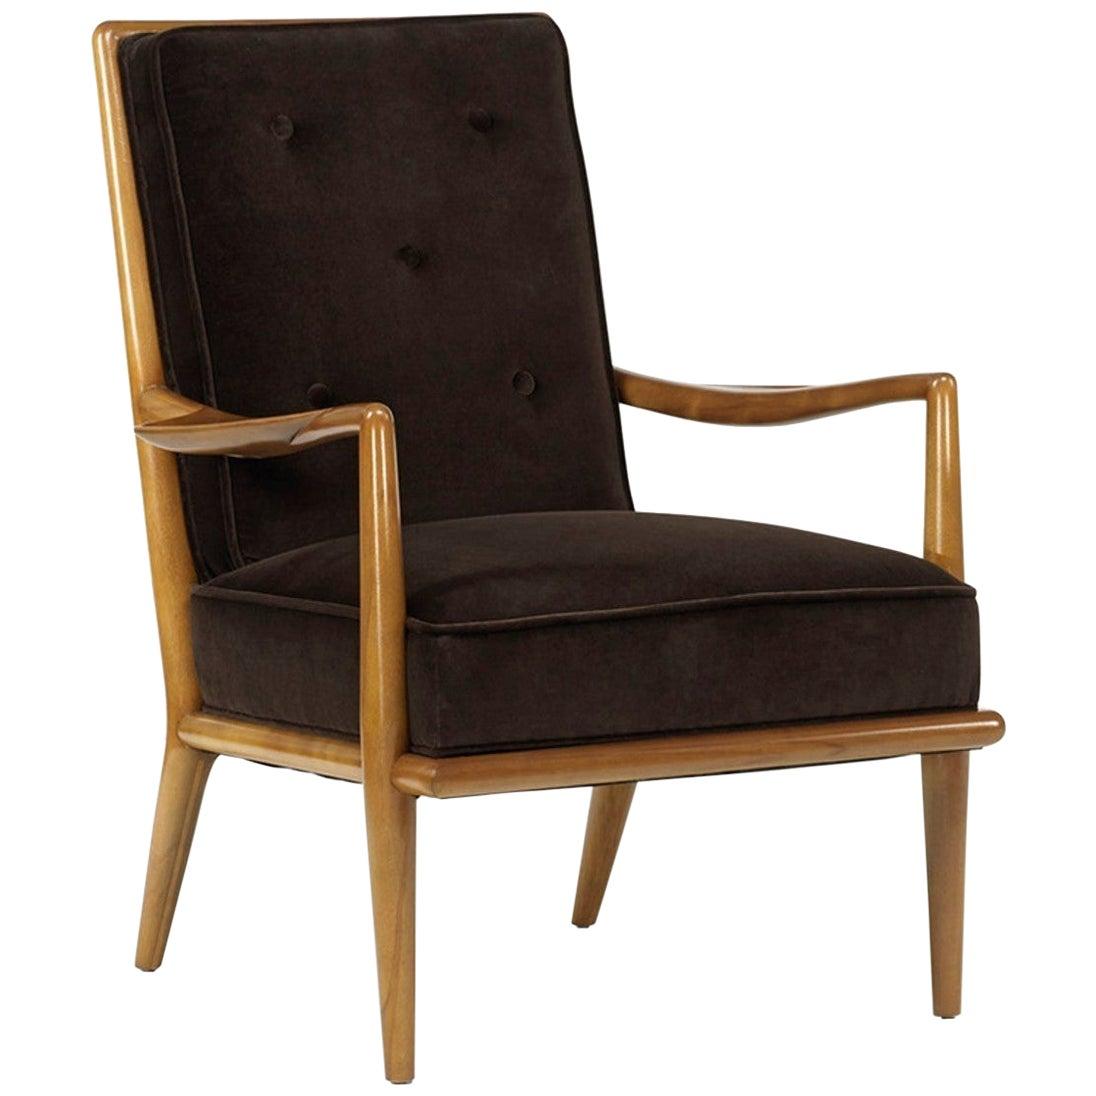 T.H. Robsjohn-Gibbings Arm Lounge Chair